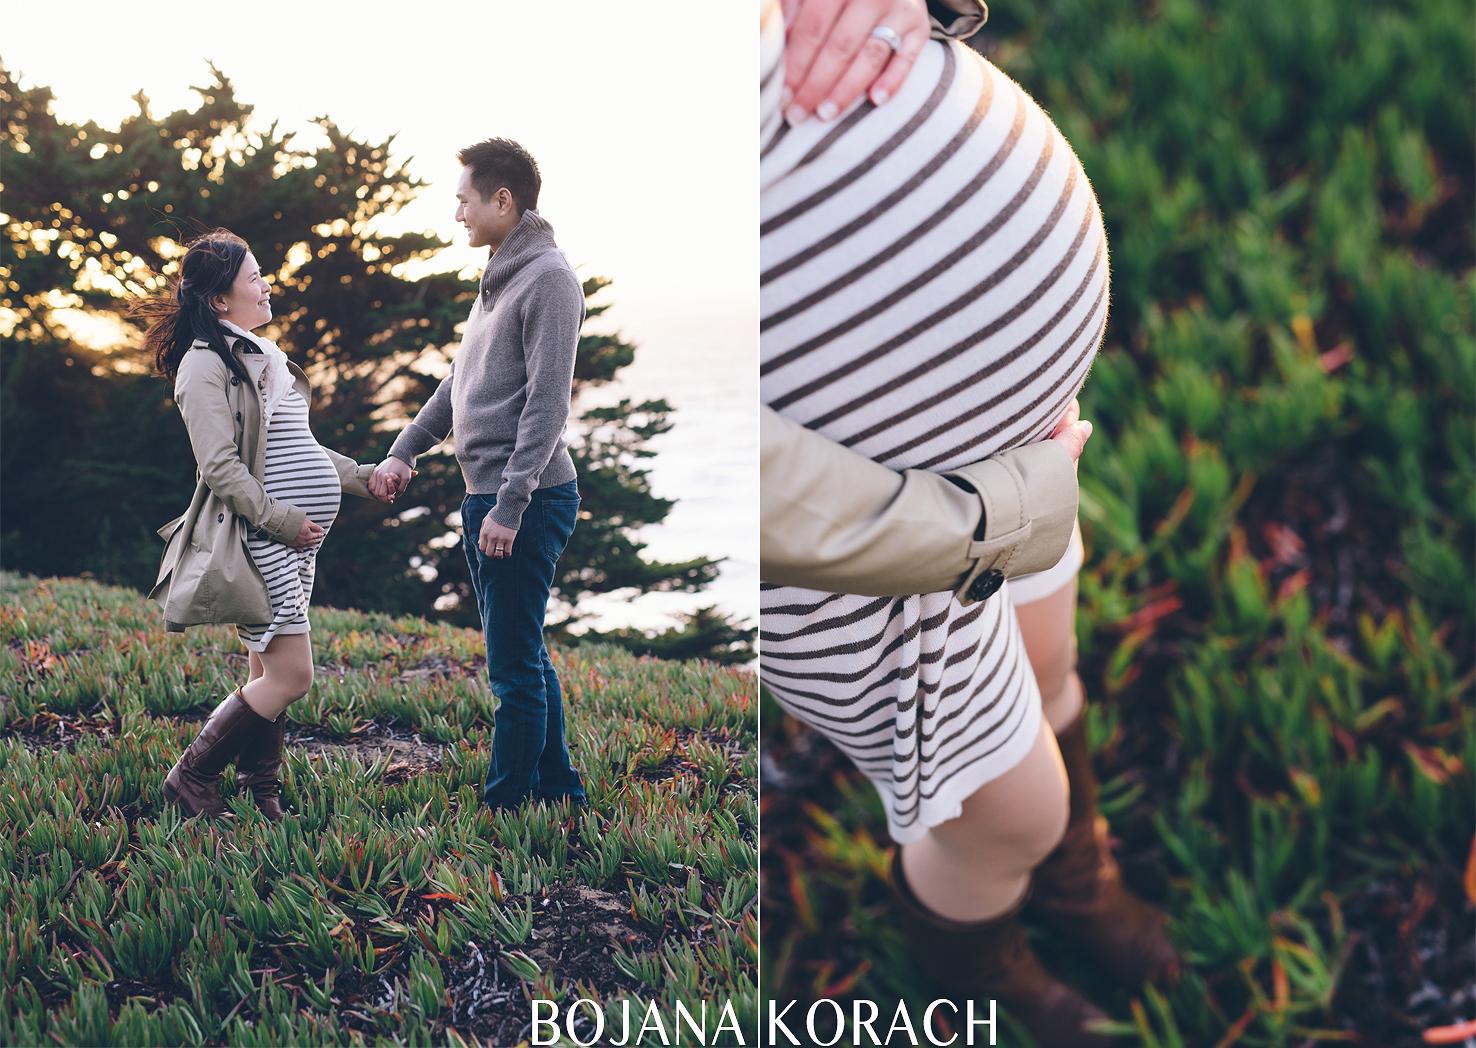 ee9d69e8baf4c Bojana Korach Photography: San Francisco-Lands End, Legion of Honor ...